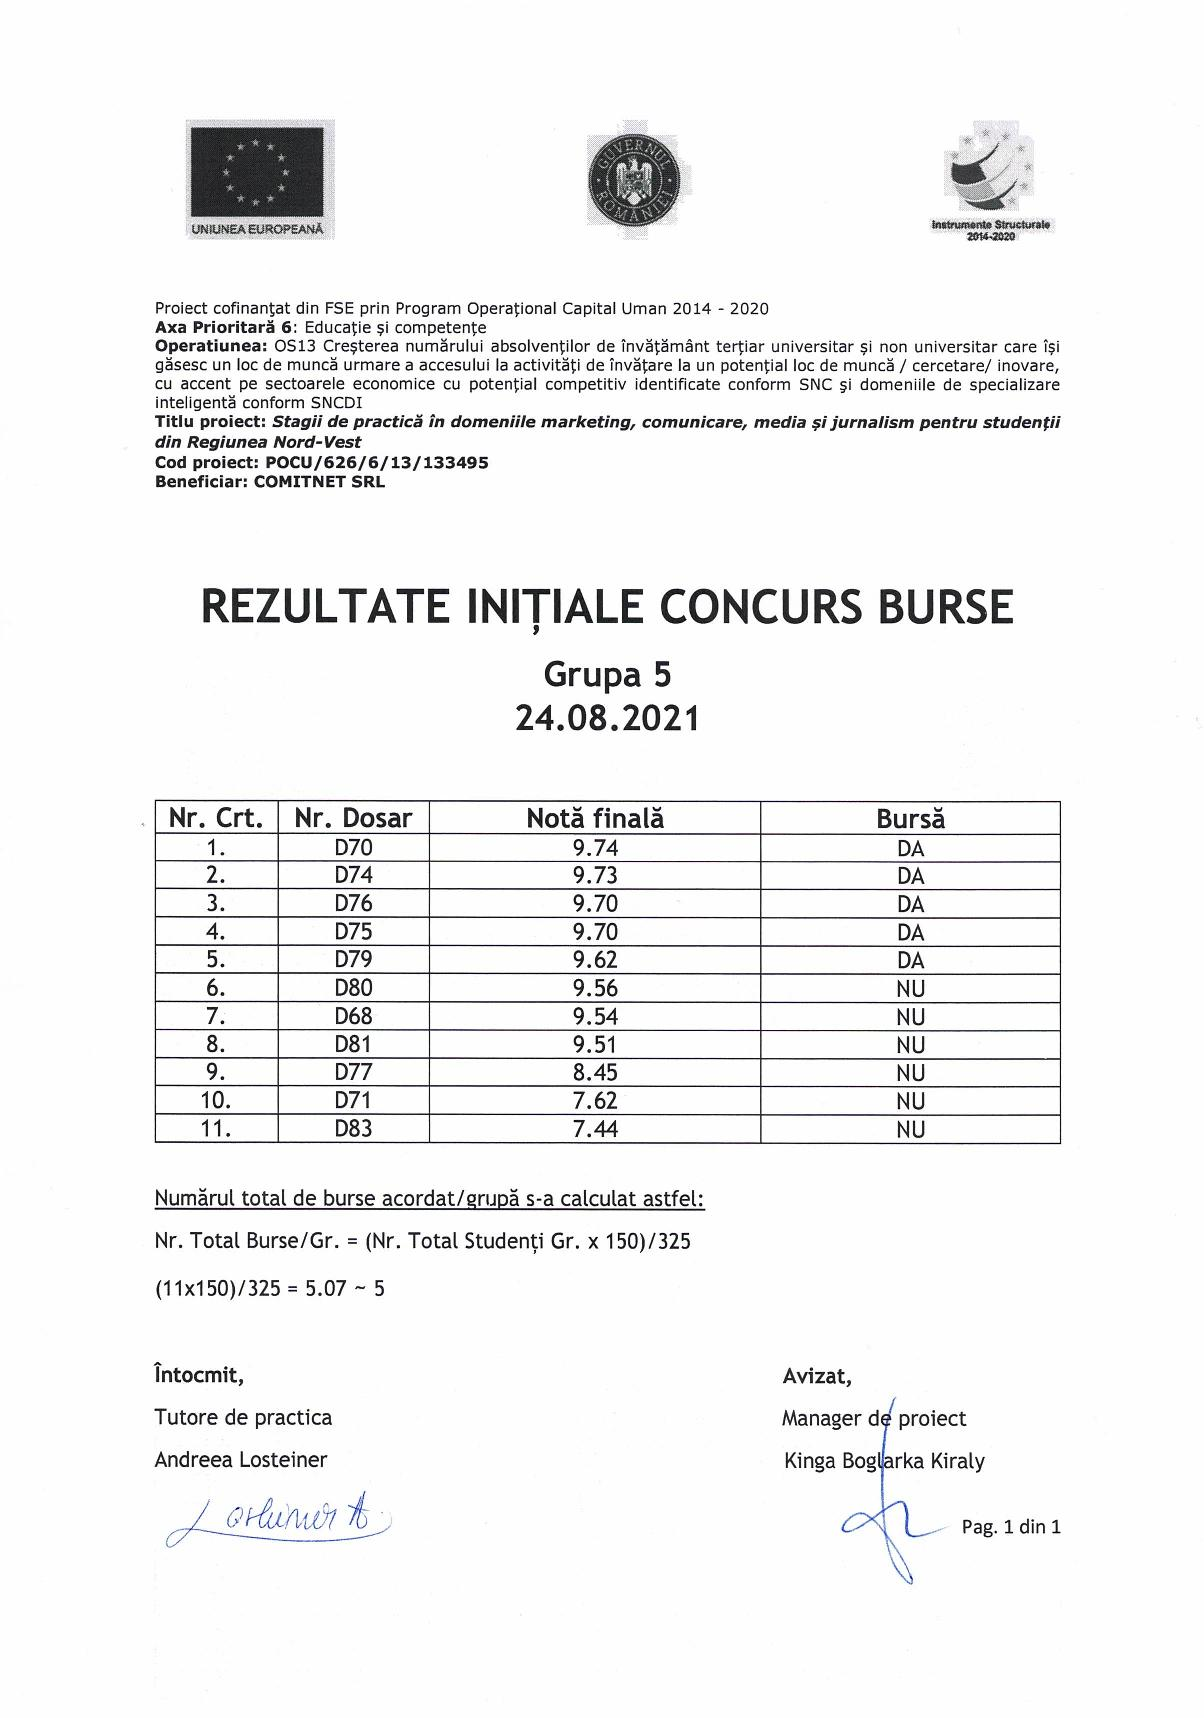 Rezultate initiale burse - gr. 5-page-001